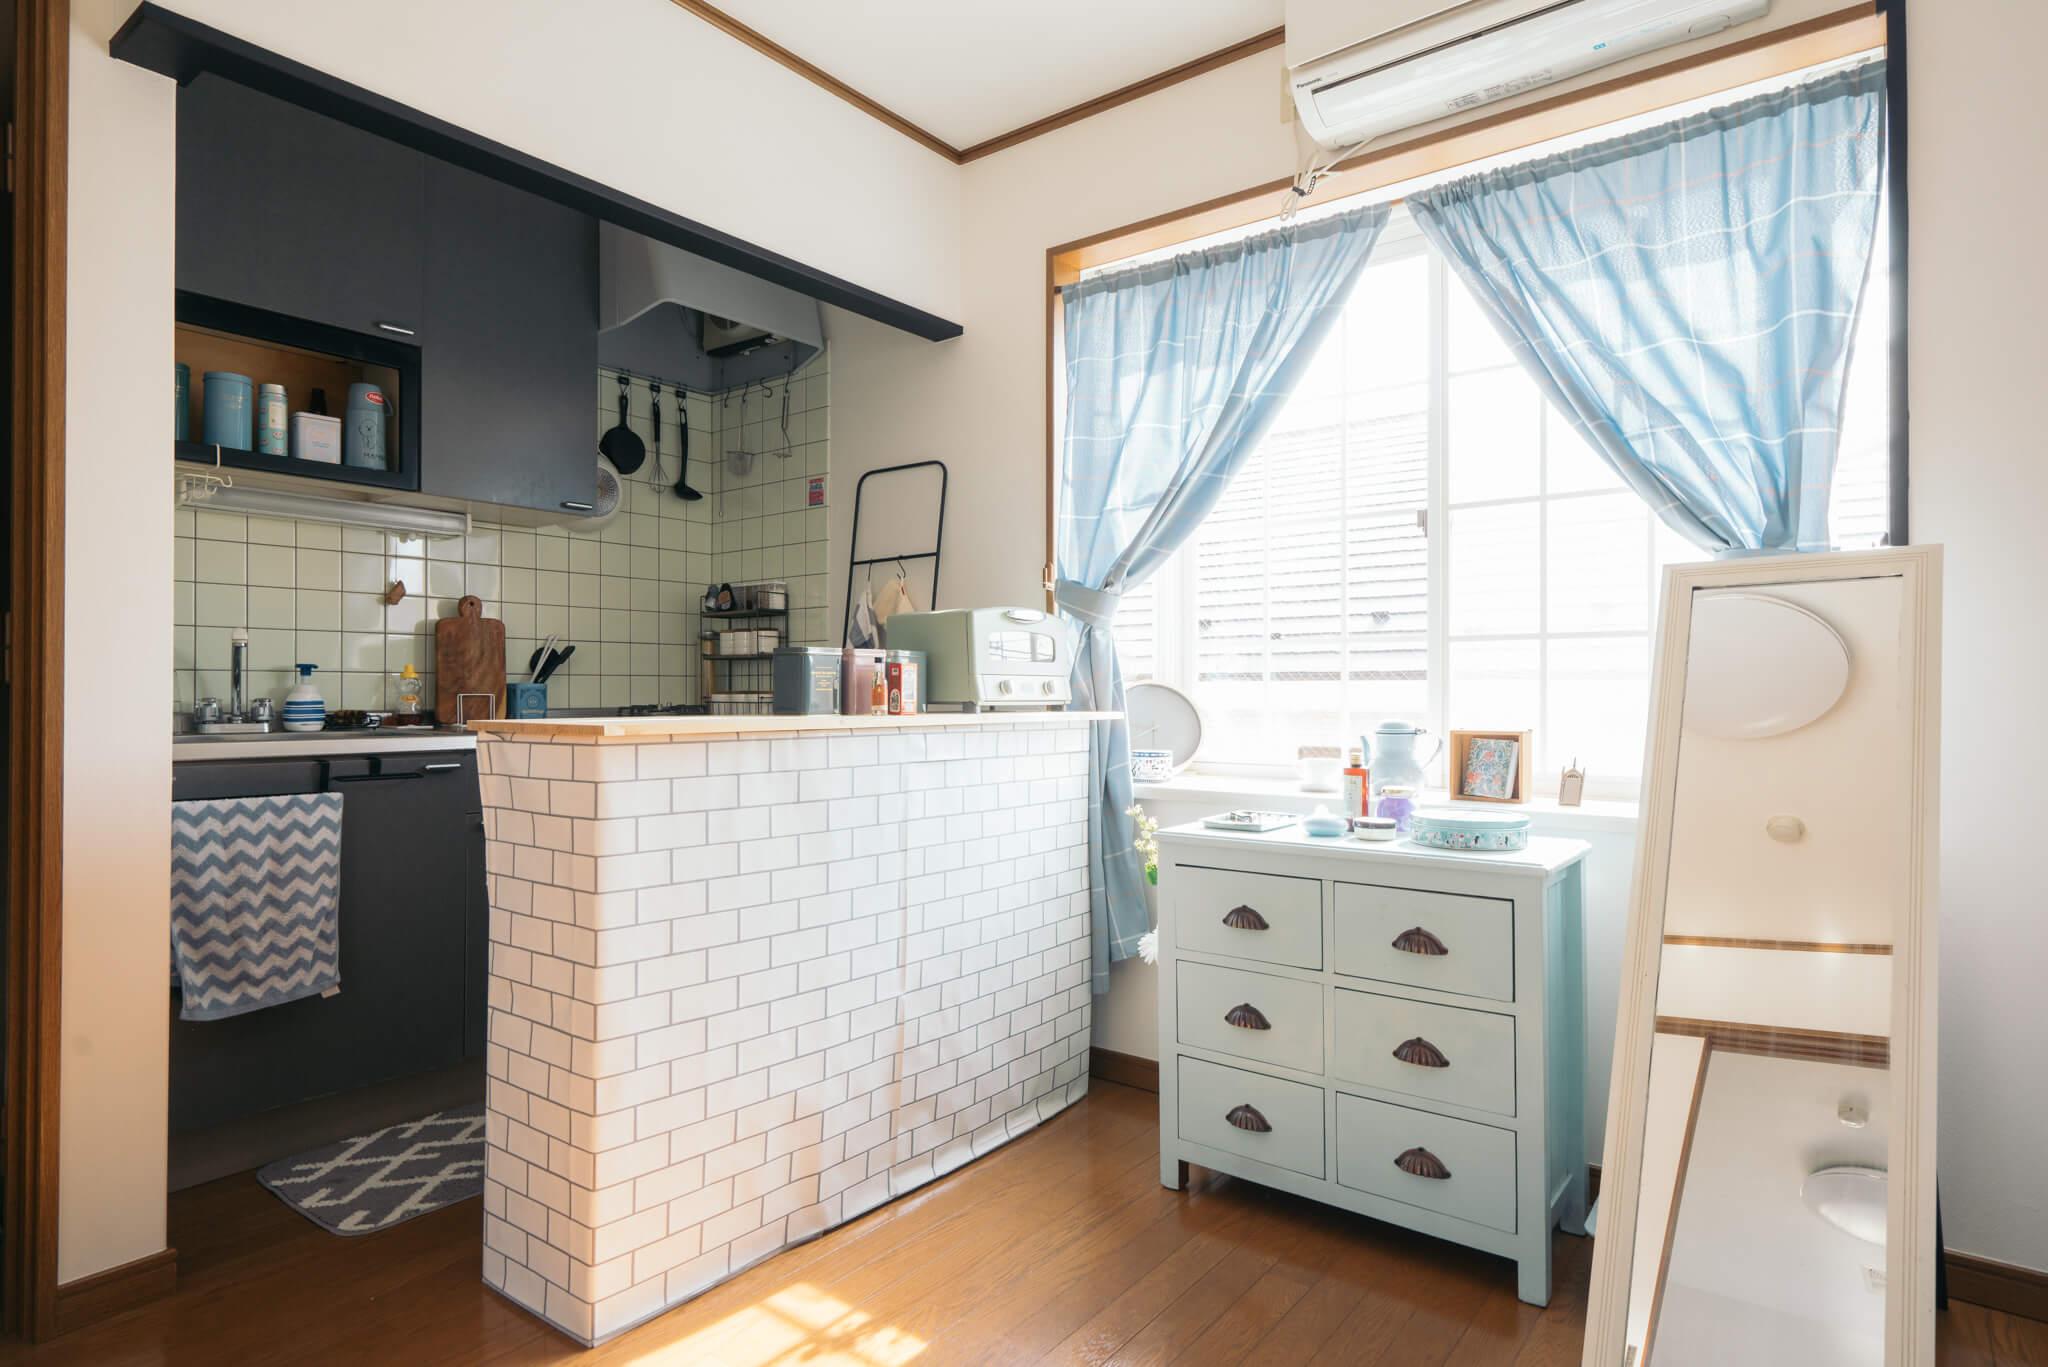 もしキッチンの前のスペースに余裕があるなら、カラーボックス&ホームセンターの板を使って、キッチンカウンターを自作するという手も(このお部屋はこちら)